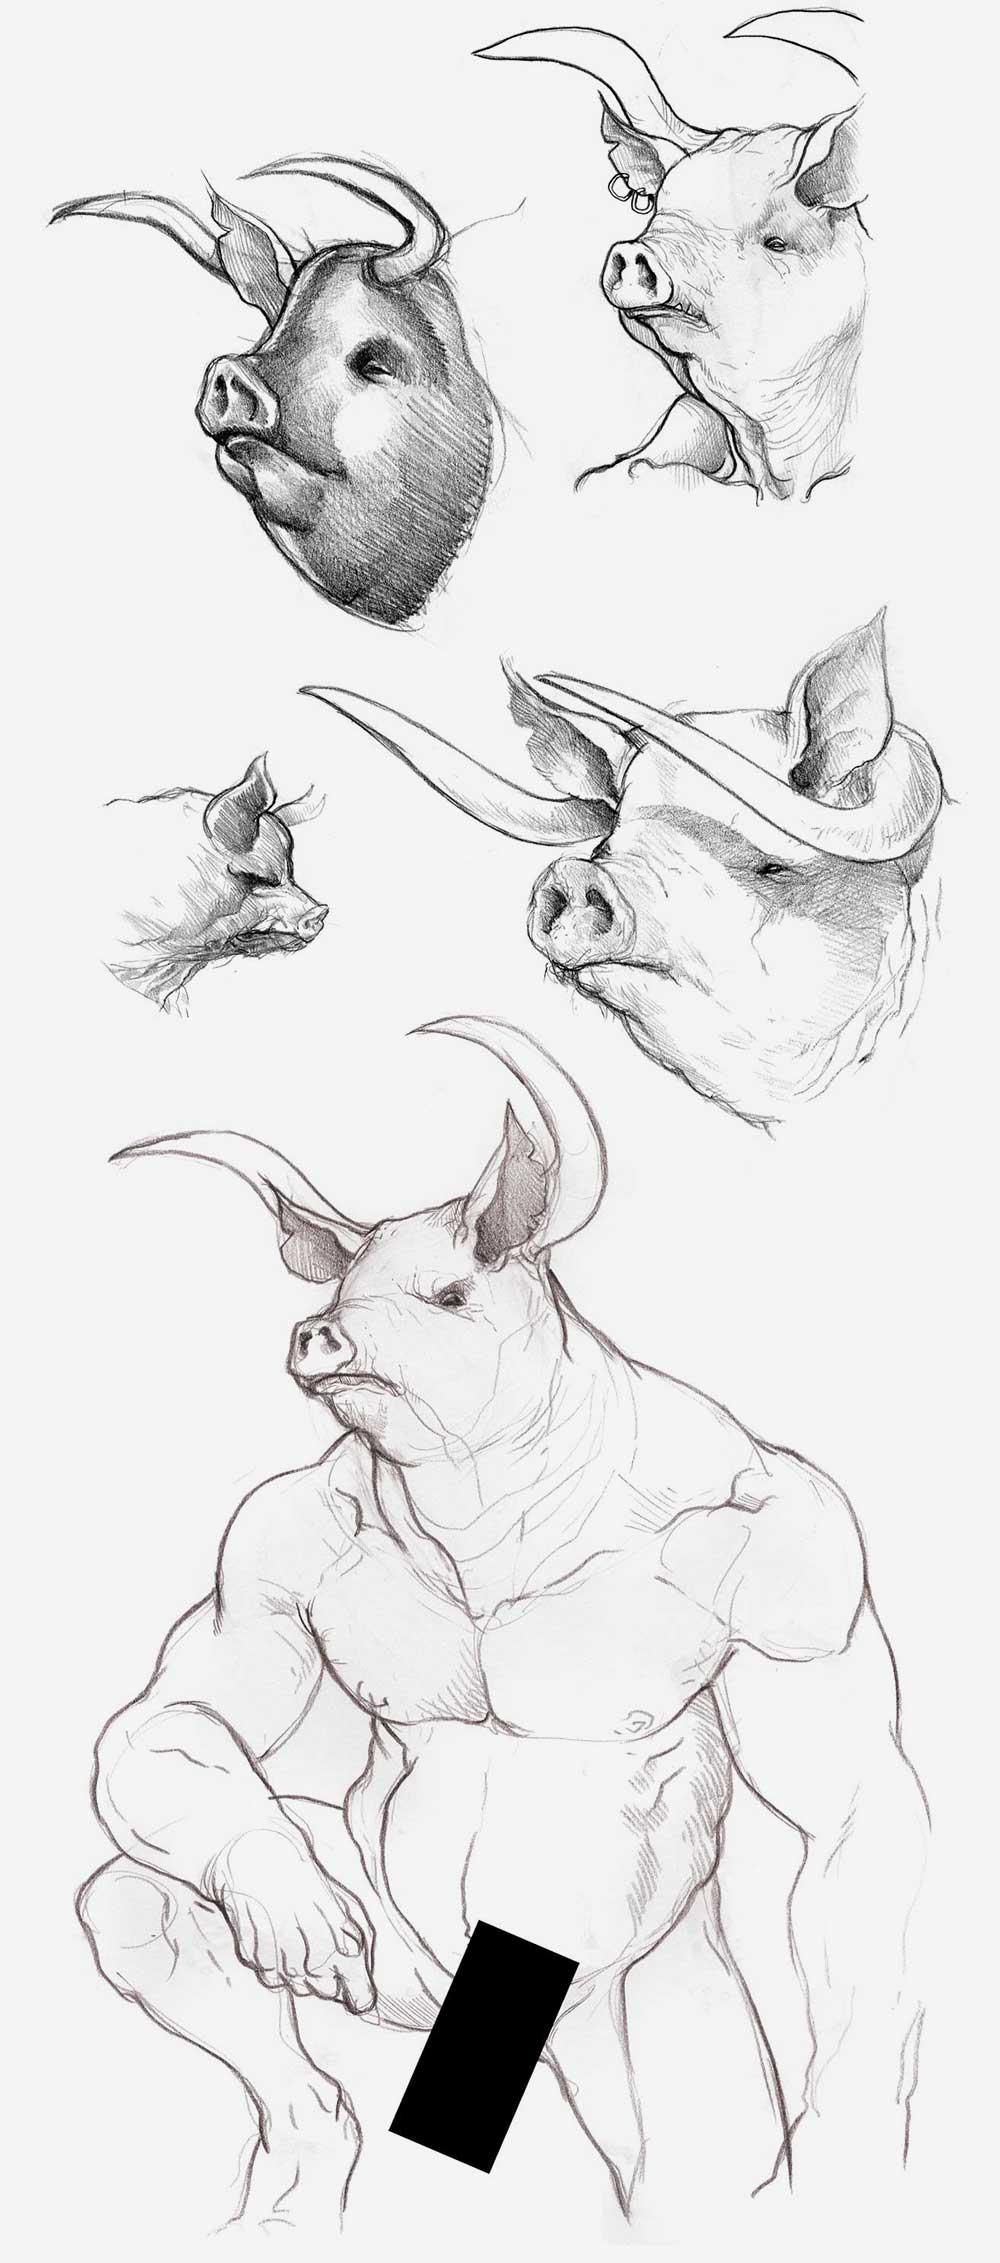 porcotauro-diburros-braga